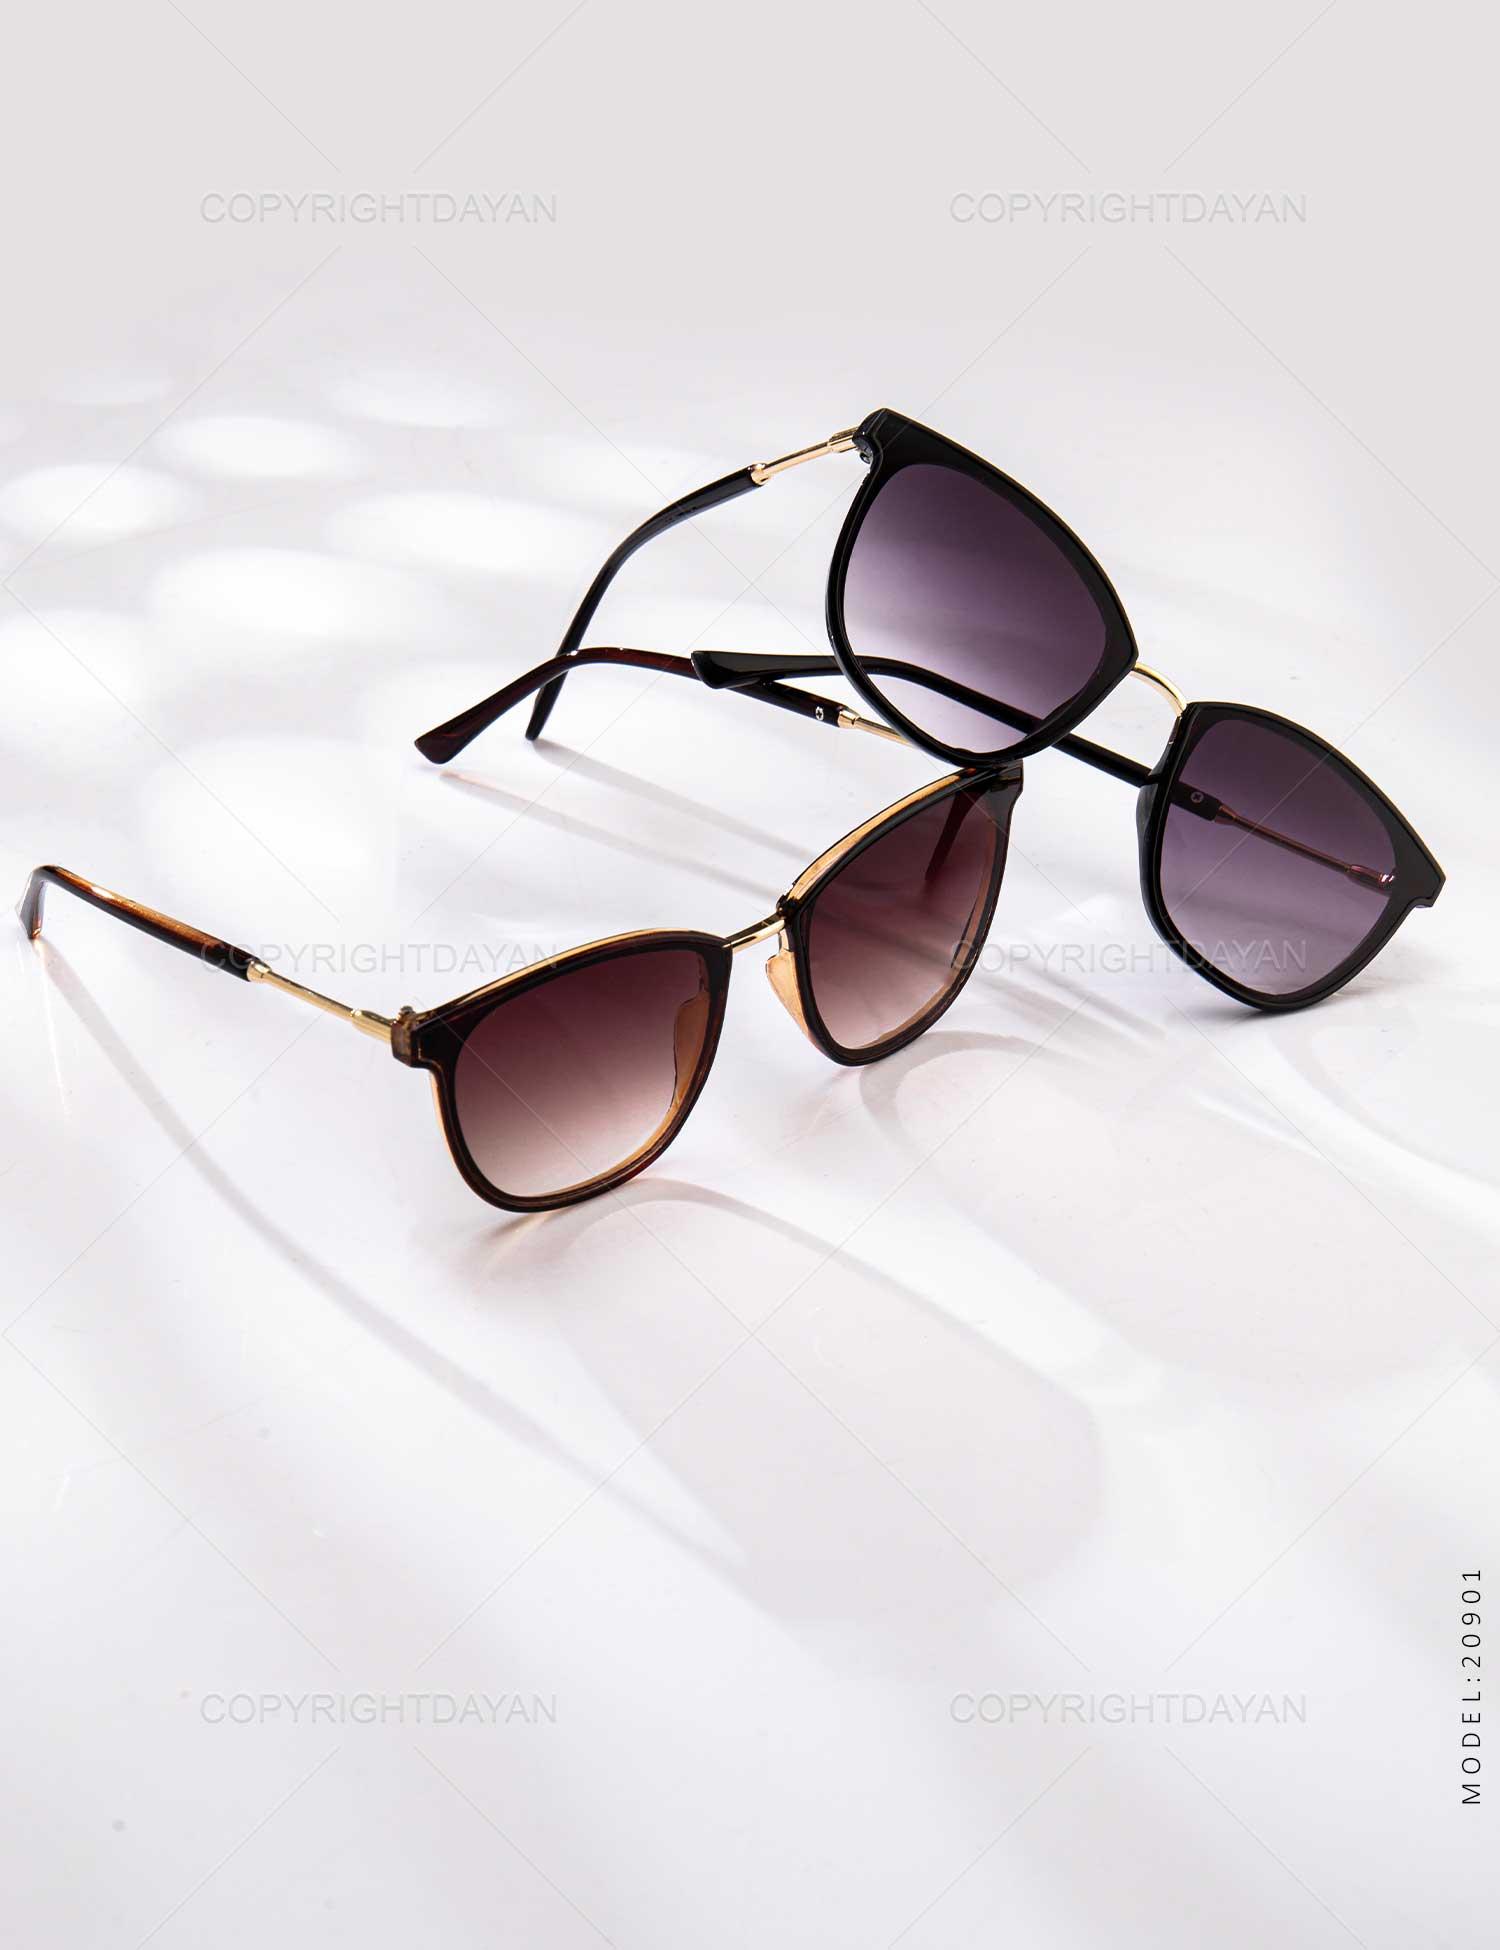 عینک آفتابی زنانه Zima مدل 20901 عینک آفتابی زنانه Zima مدل 20901 109,000 تومان